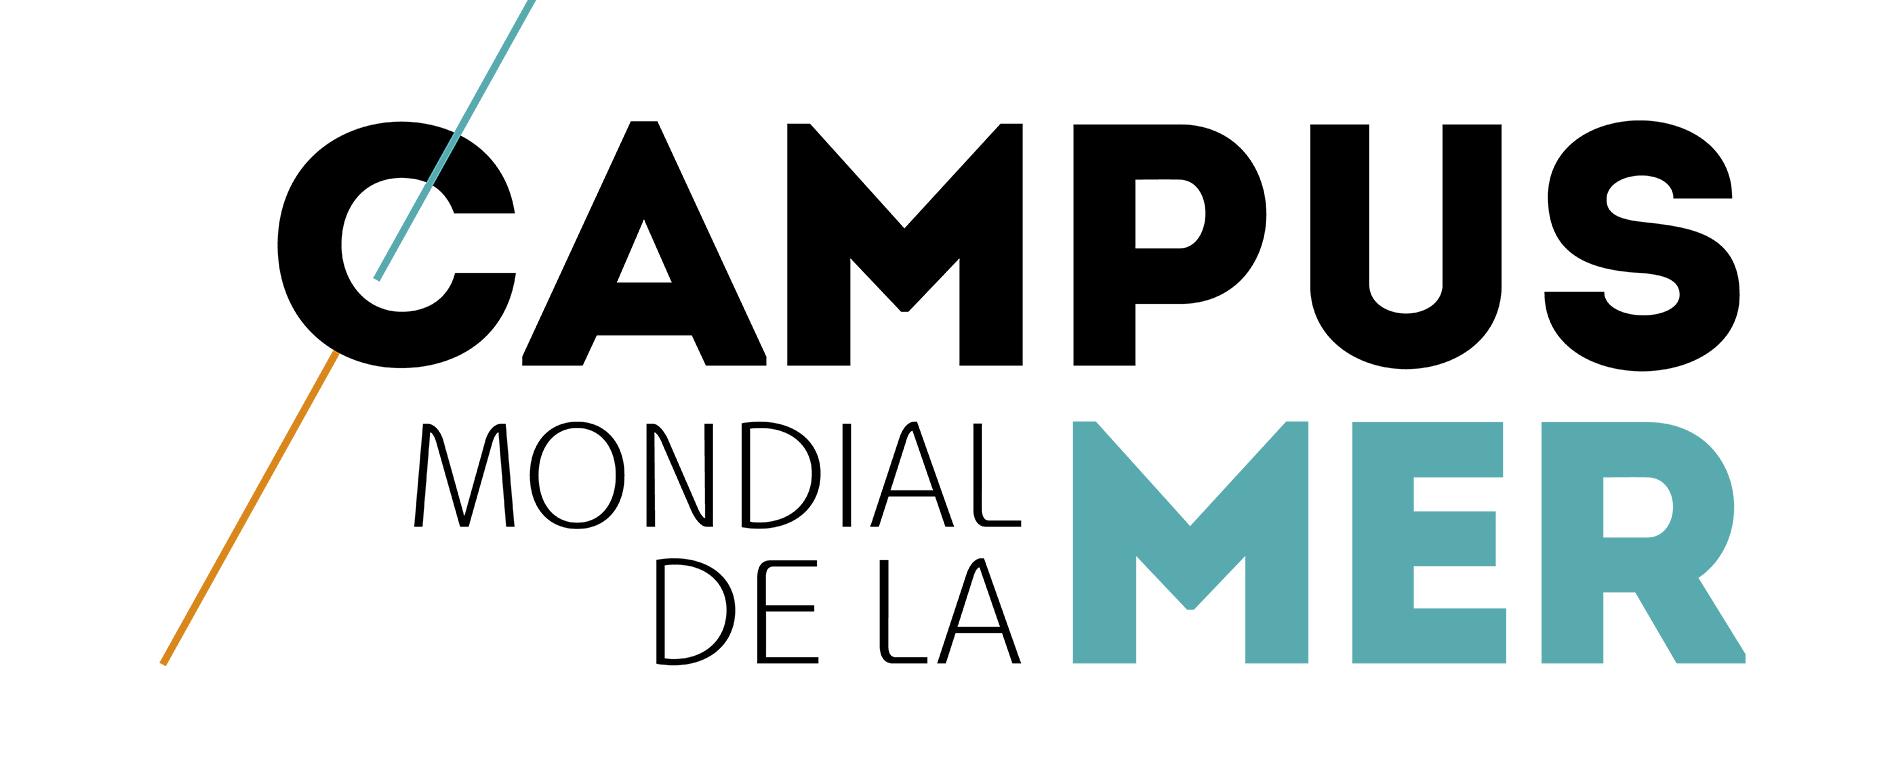 Le Campus Mondial de la Mer : le réseau maritime